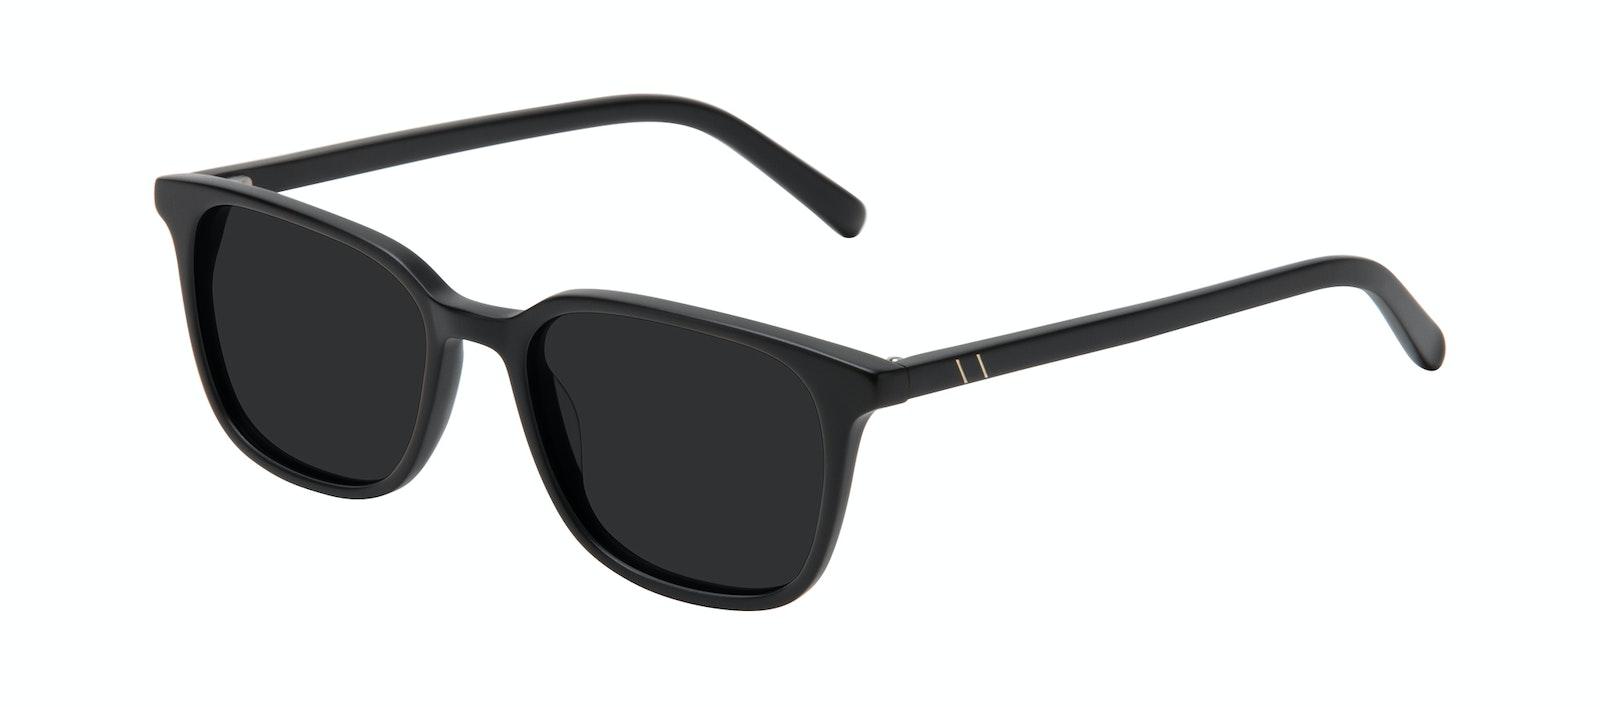 Lunettes tendance Carrée Lunettes de soleil Hommes Choice Black Matte Incliné